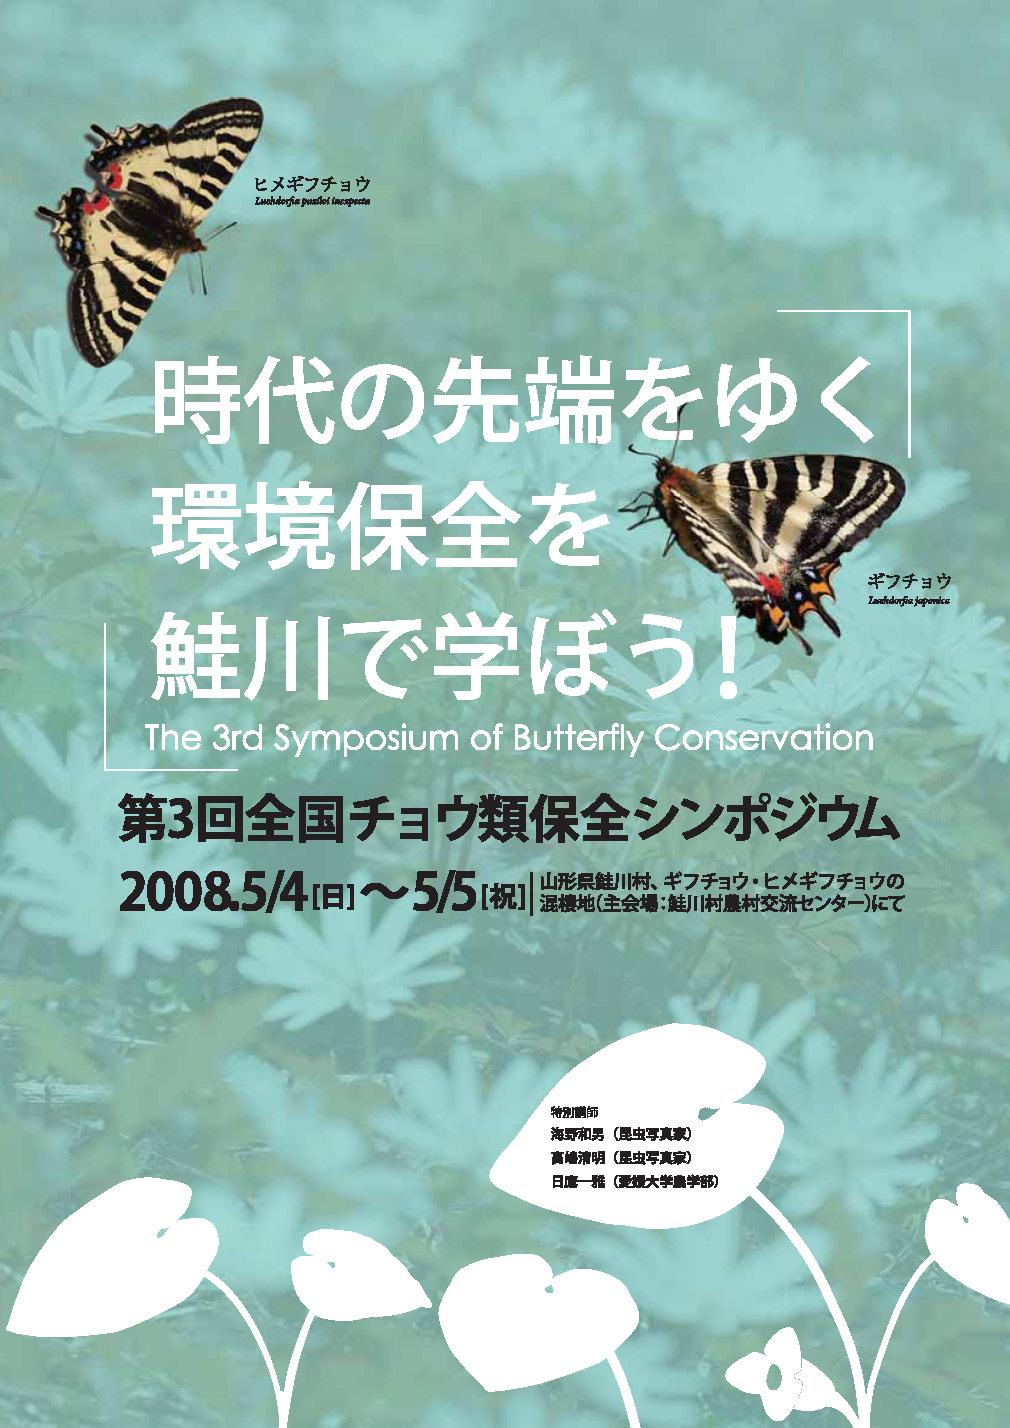 チョウ類保全シンポジウム -ギフチョウ・ヒメギフチョウ-_d0054625_15274410.jpg